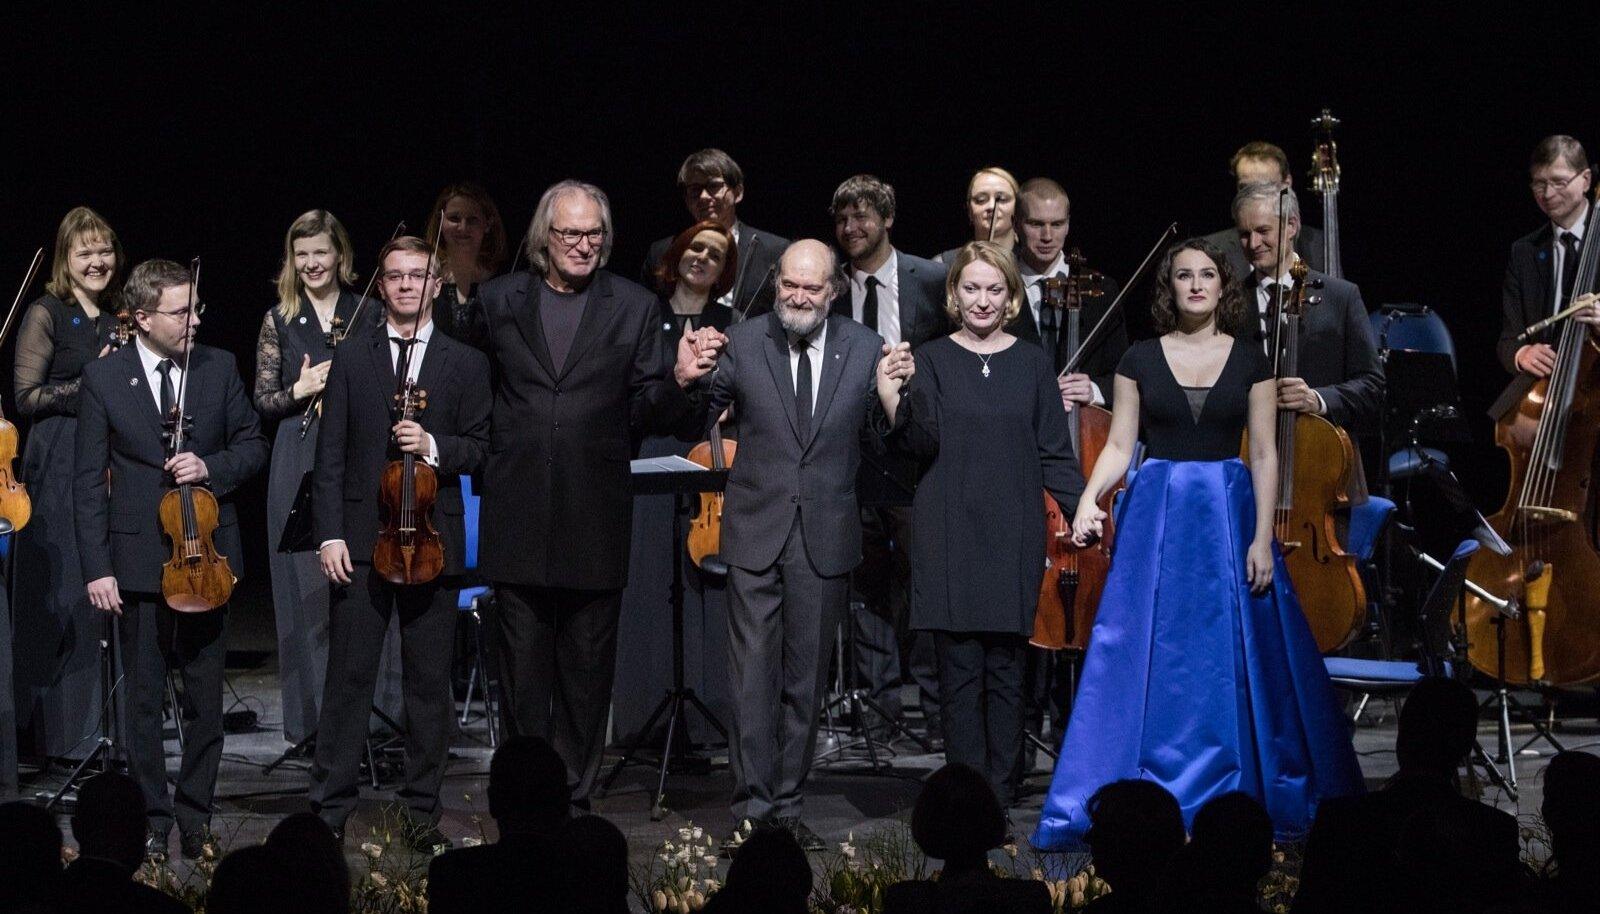 Publikut tänavad (vasakult) Harry Traksmann, Robert Traksmann, Tõnu Kaljuste, Arvo Pärt, Marrit Gerretz-Traksmann ja Maria Listra.